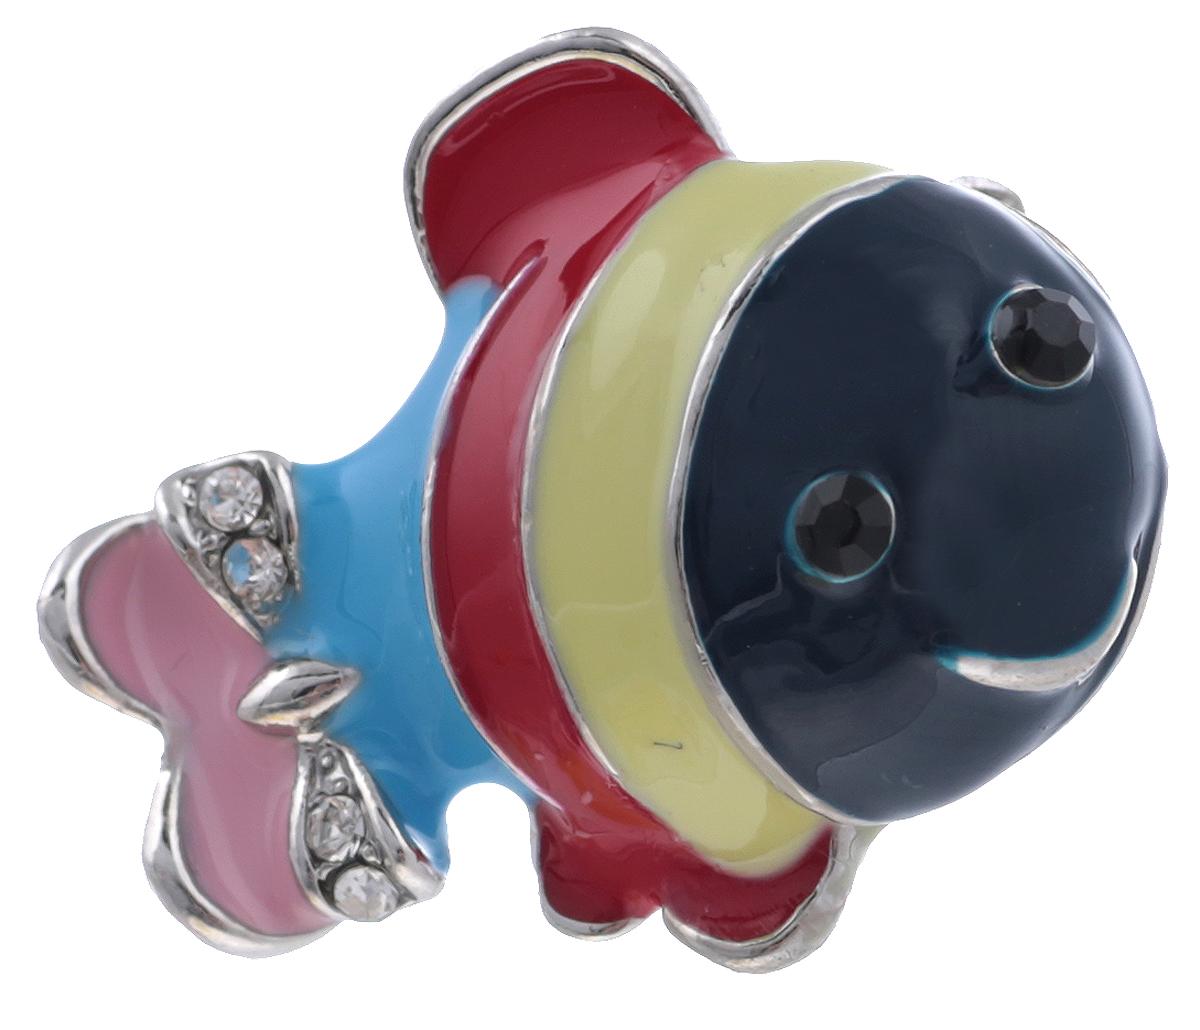 Брошь Рыбка от Arrina. Цветные эмали, прозрачные стразы, бижутерный сплав серебряного тона. ГонконгОС30623Брошь Рыбка от Arrina. Цветные эмали, прозрачные стразы, бижутерный сплав серебряного тона. Гонконг. Размер: 2,5 х 1,5 см. Тип крепления - булавка с застежкой.